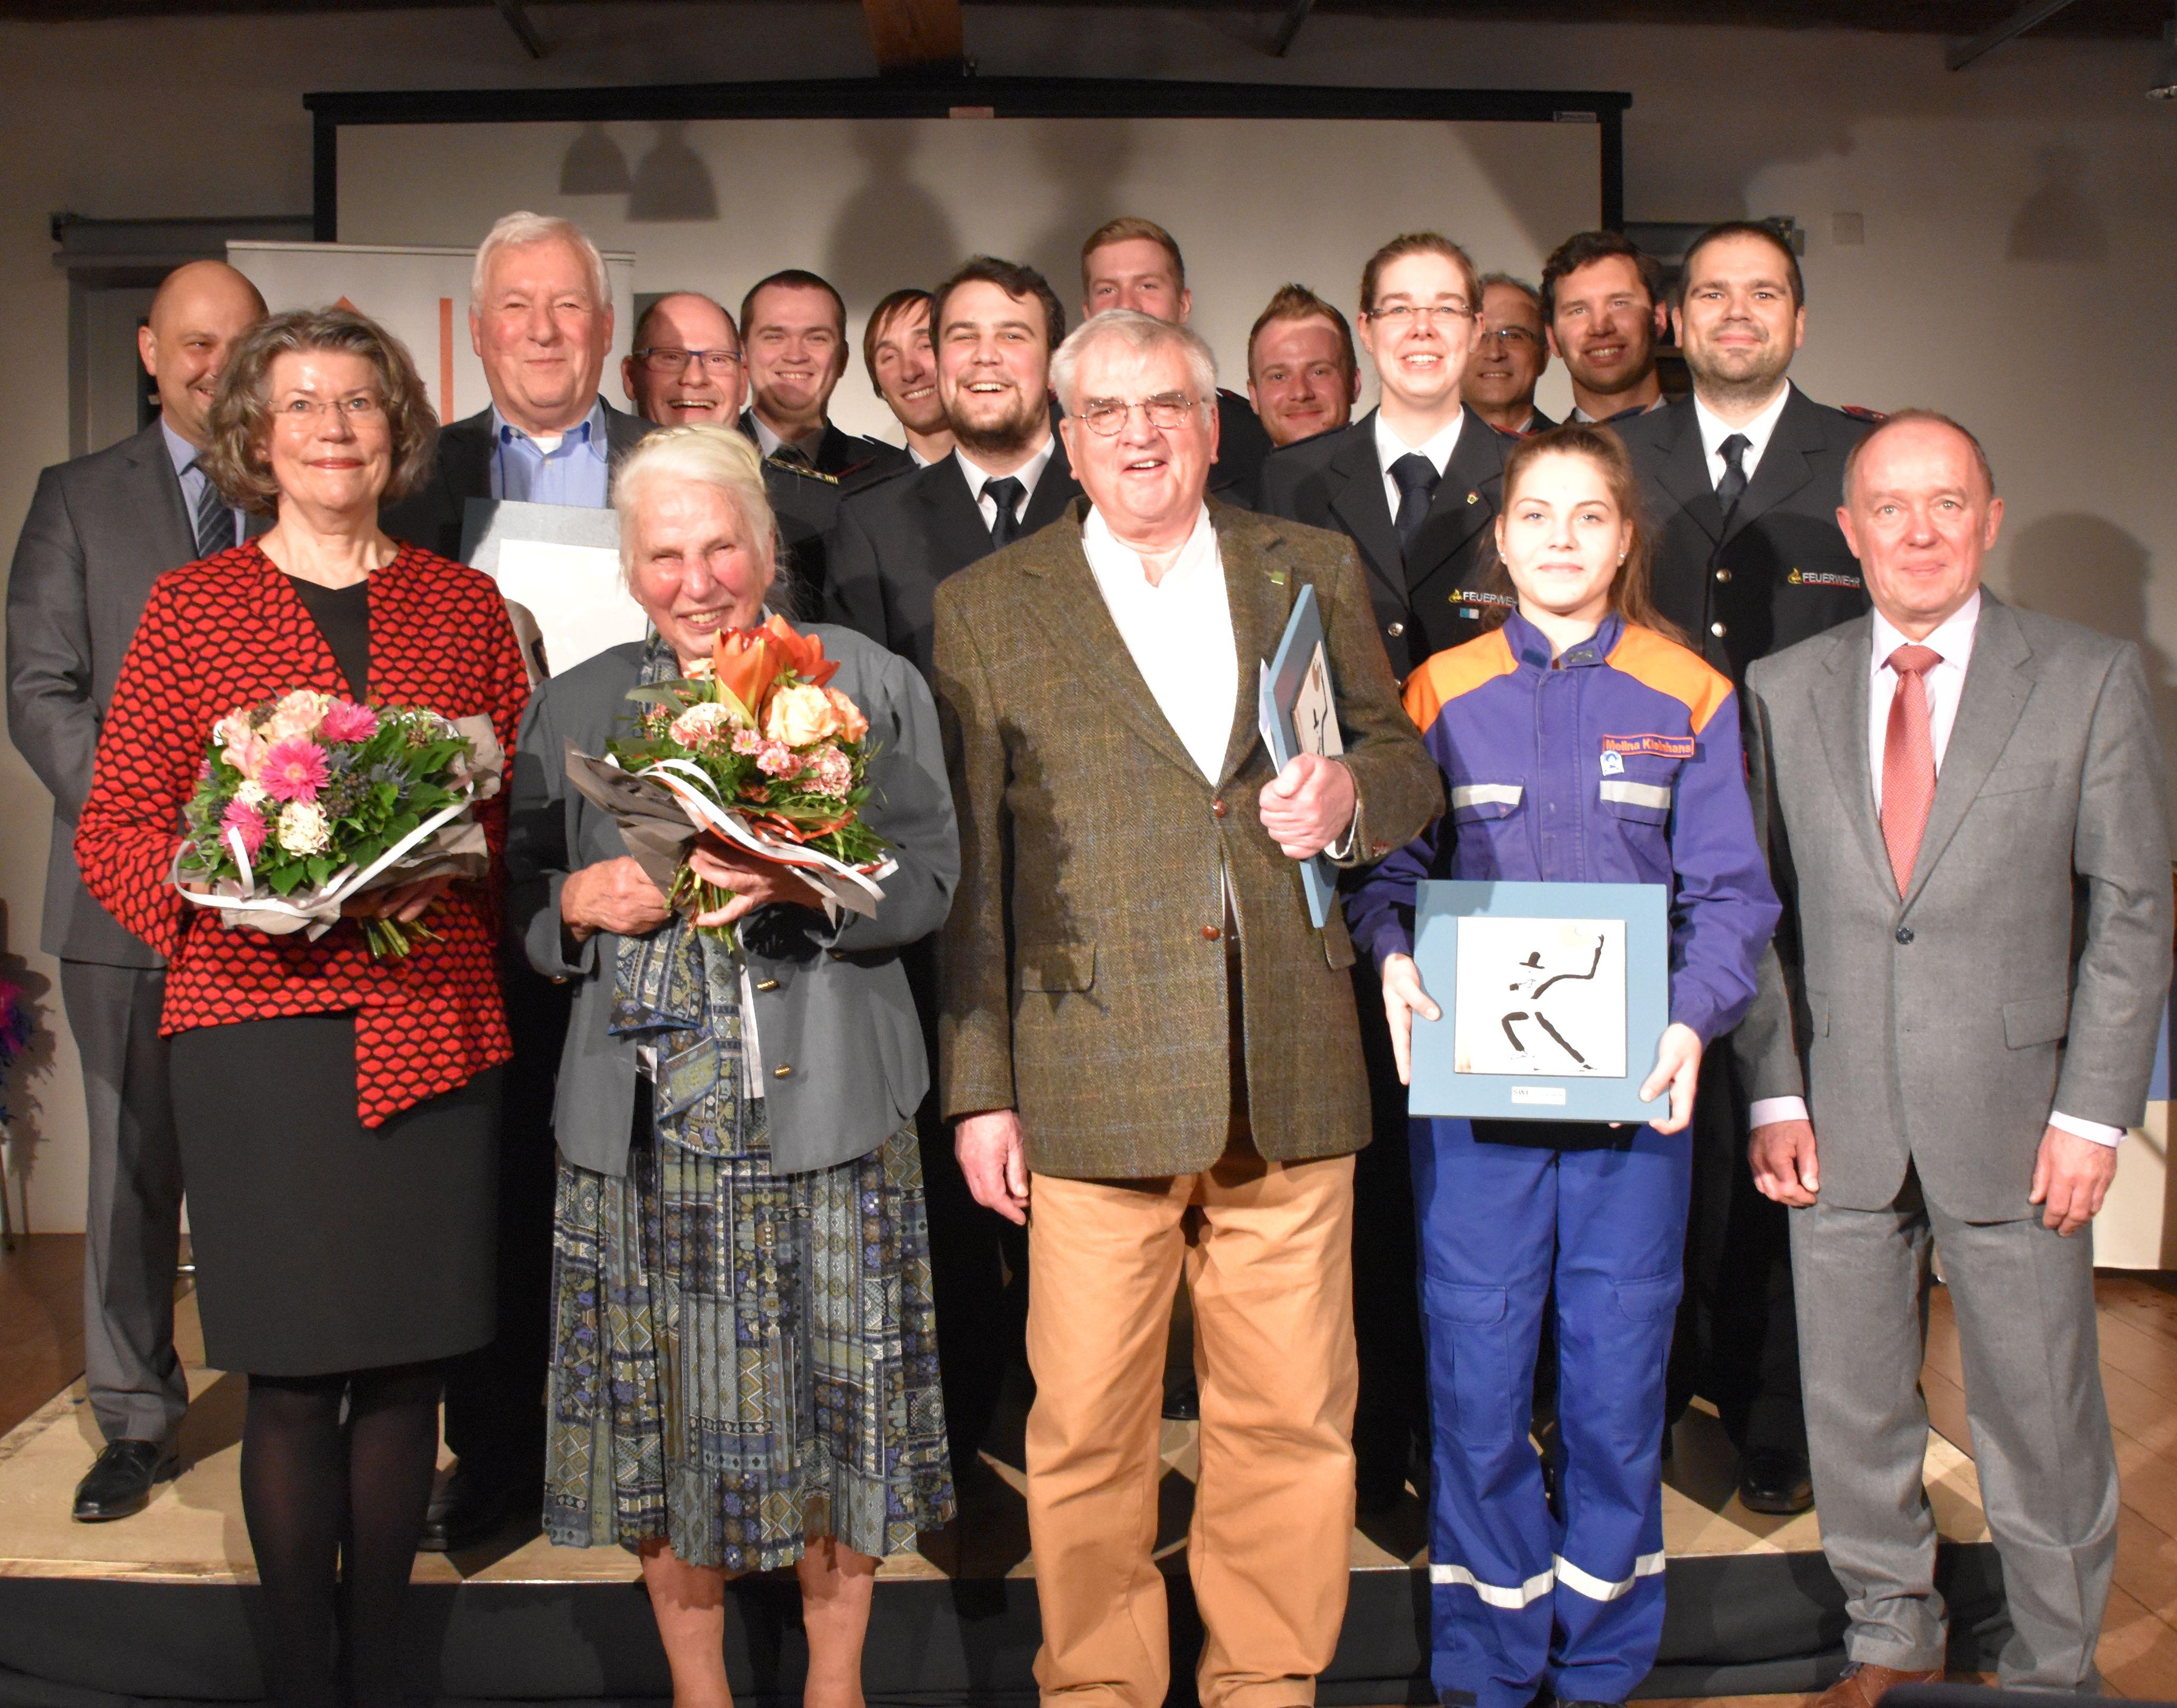 Jugendfeuerwehr der Gesamtwehr Ettlingen gewinnt SWE-Ehrenamtspreis 2017